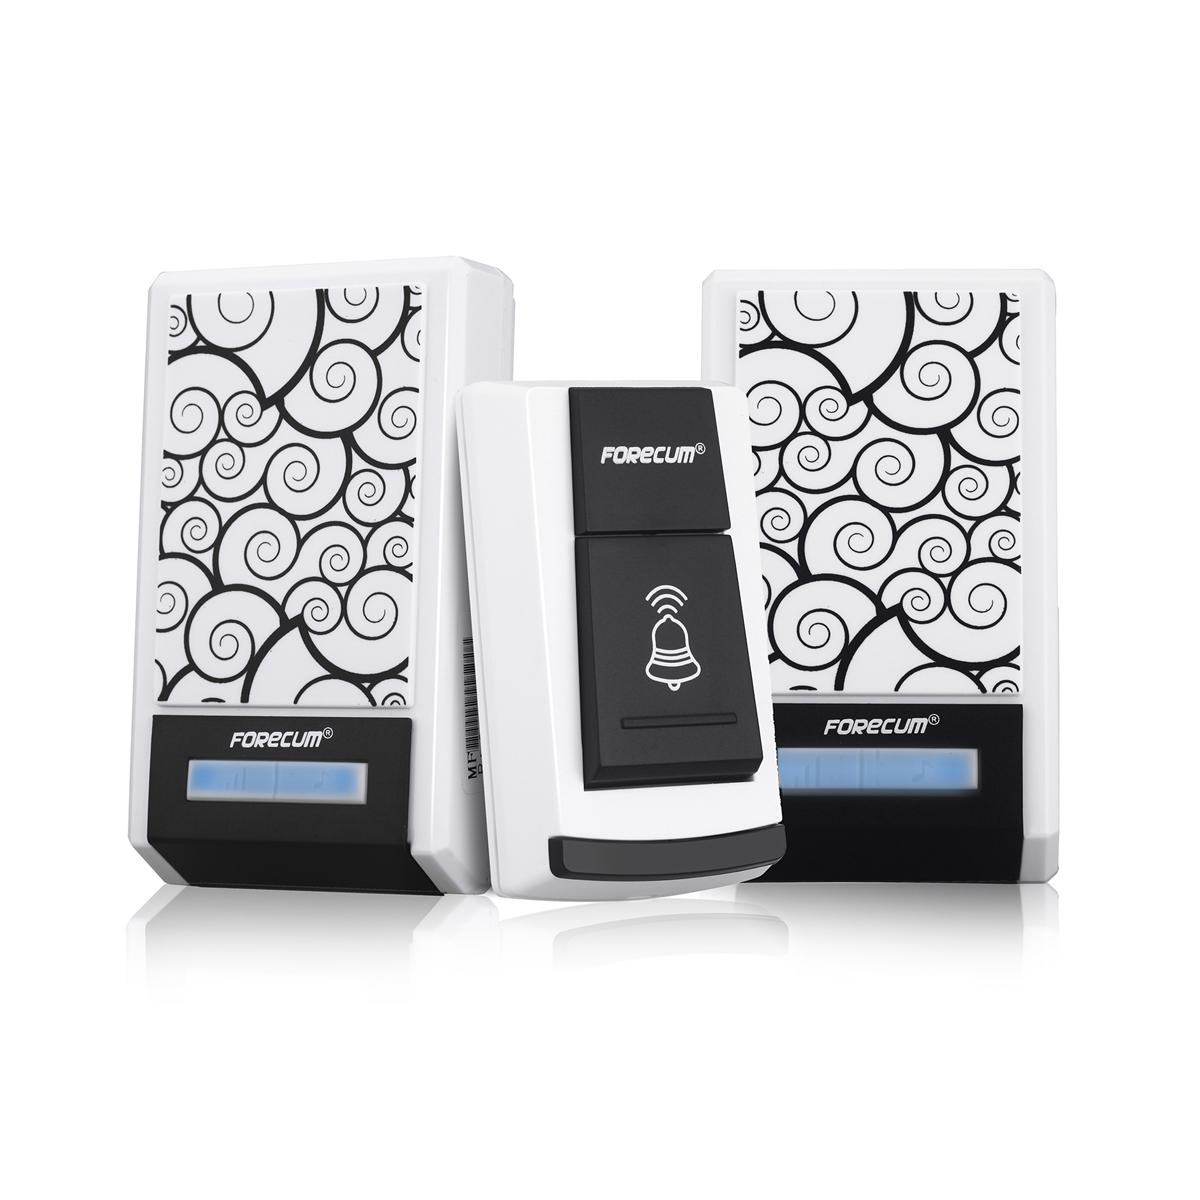 36 Chime Song Waterproof Wireless Doorbell